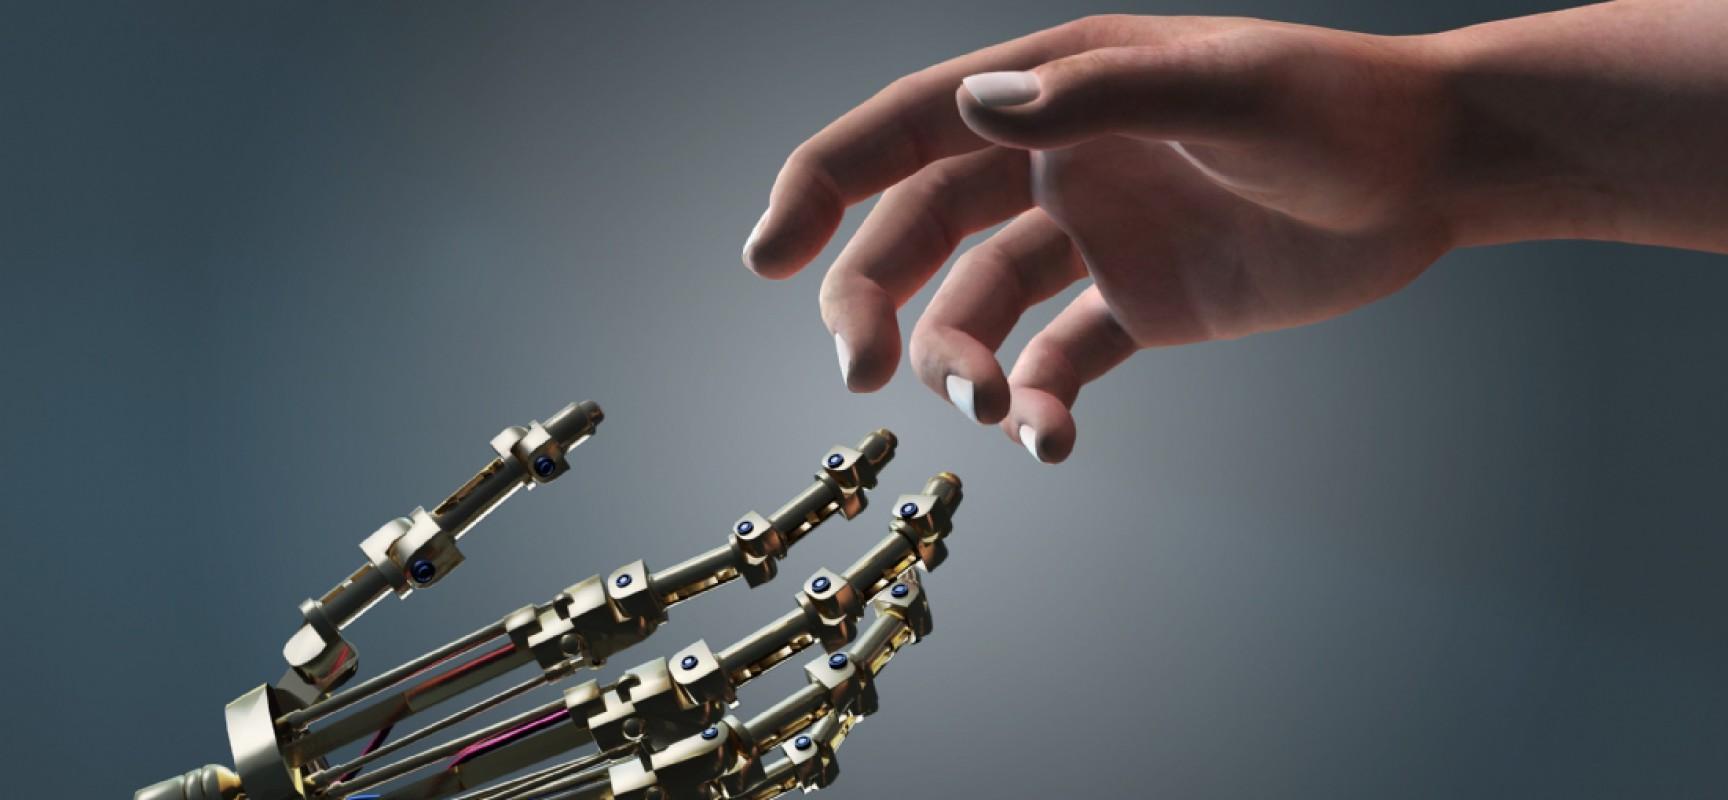 La science du transhumanisme  Intelligence-artificielle-quelles-opportunites-marques-T-1728x800_c